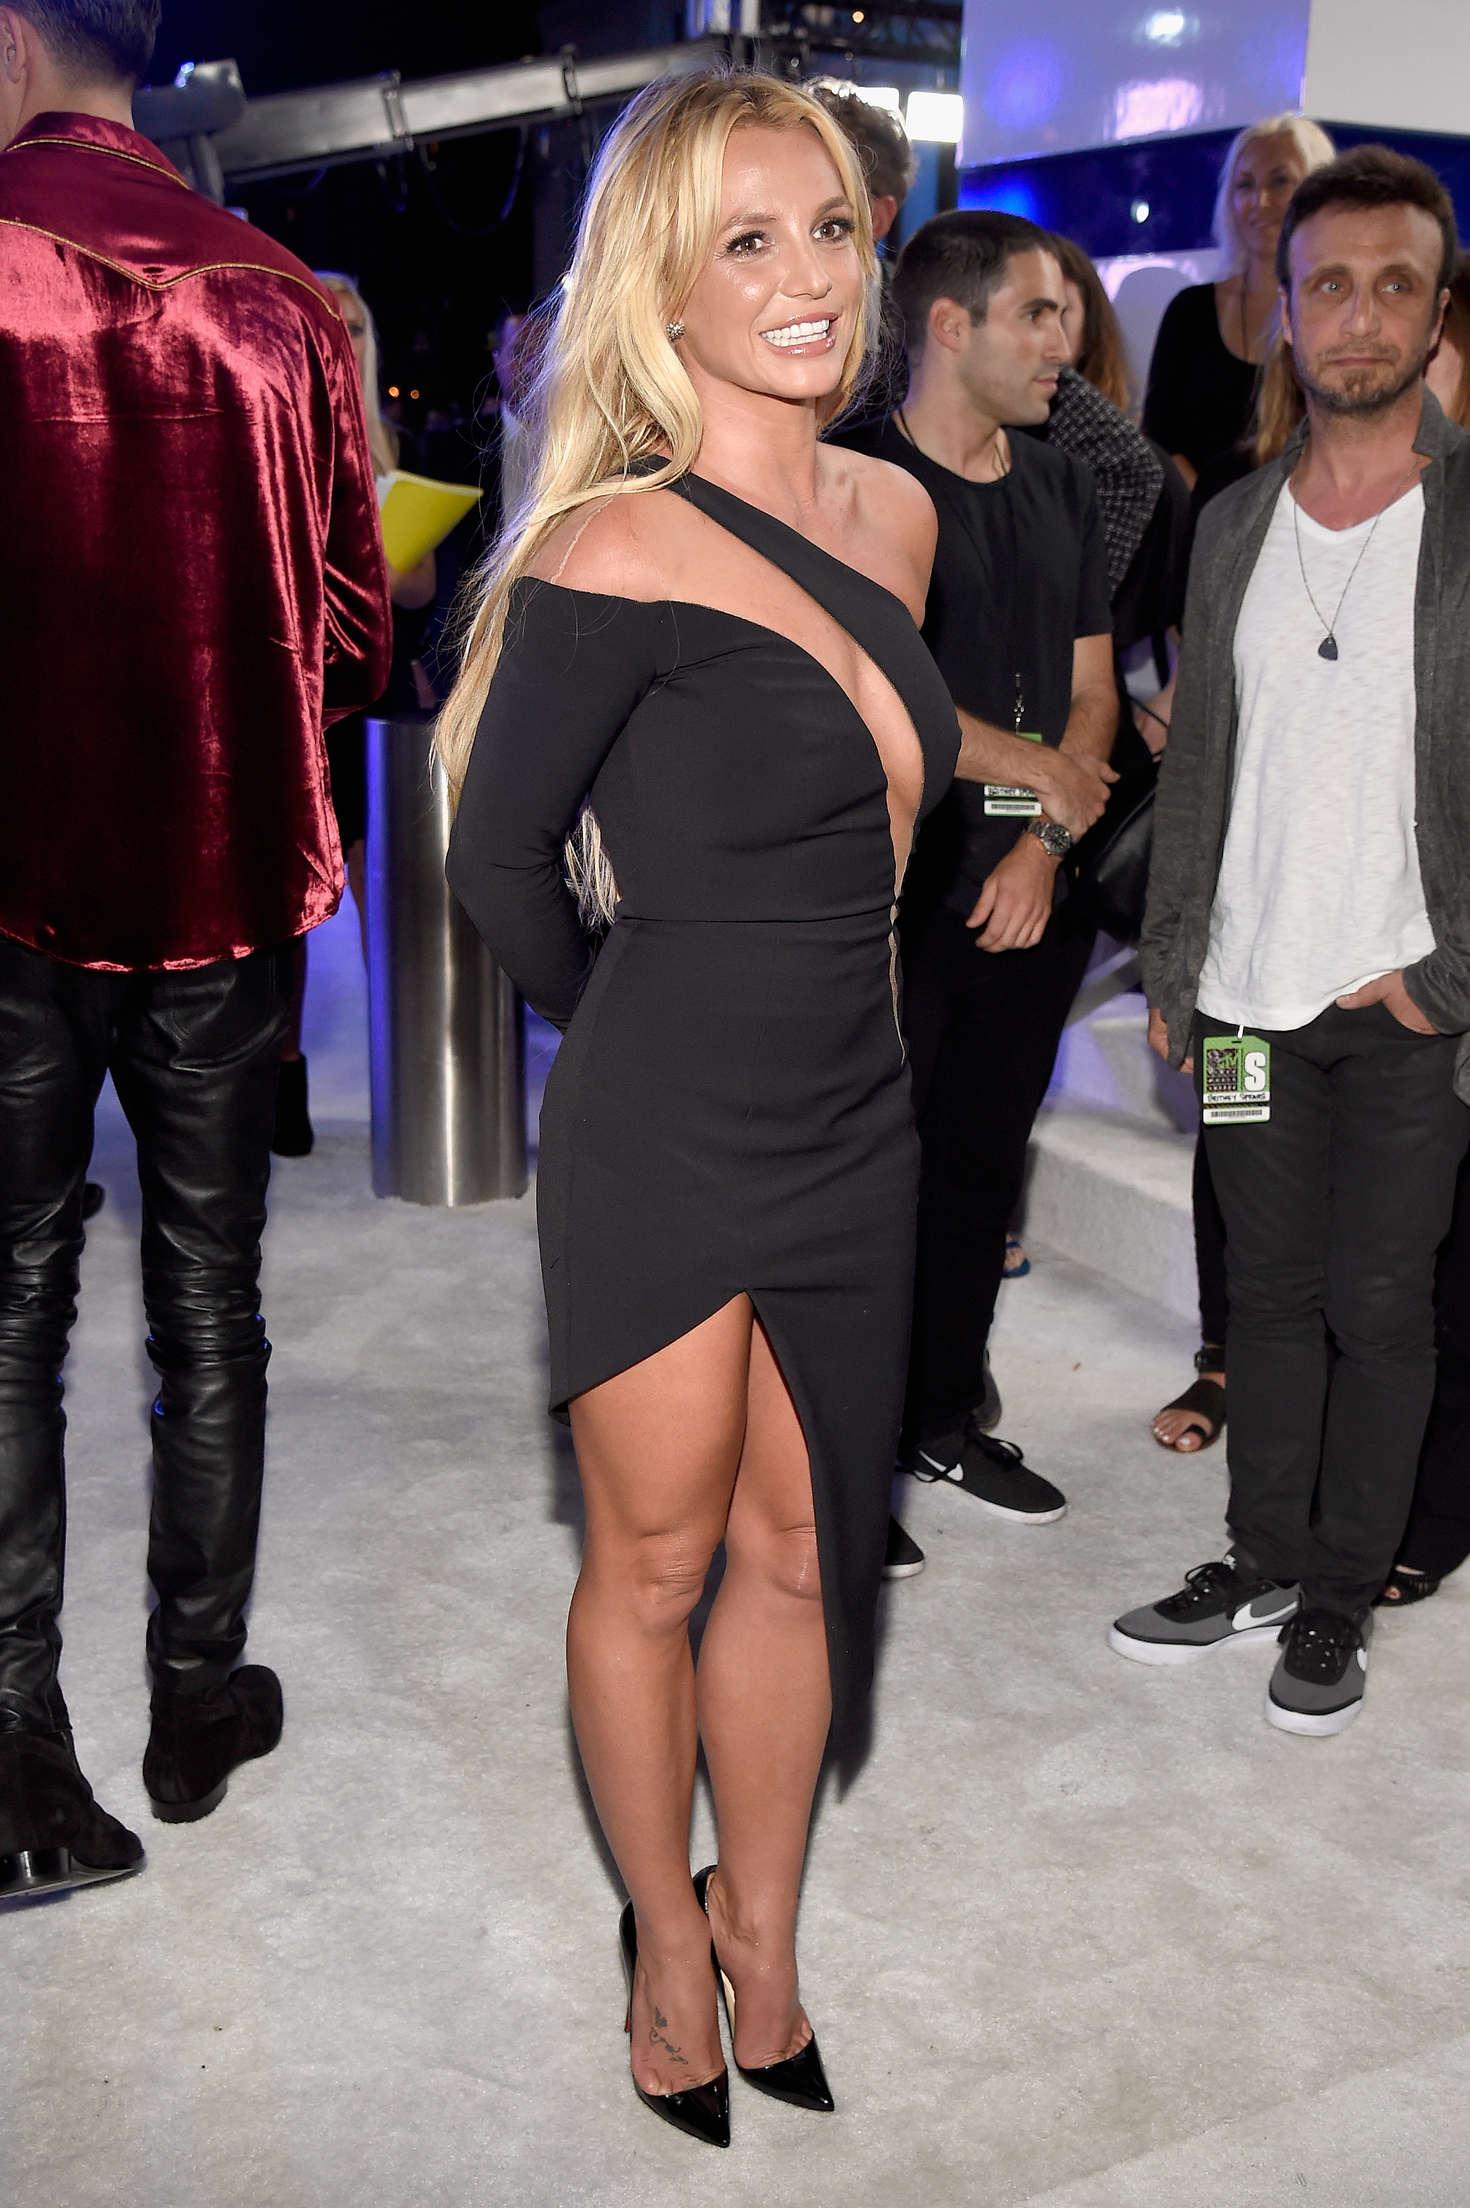 Christina Aguilera photo #94982 | Celebs-Place.com